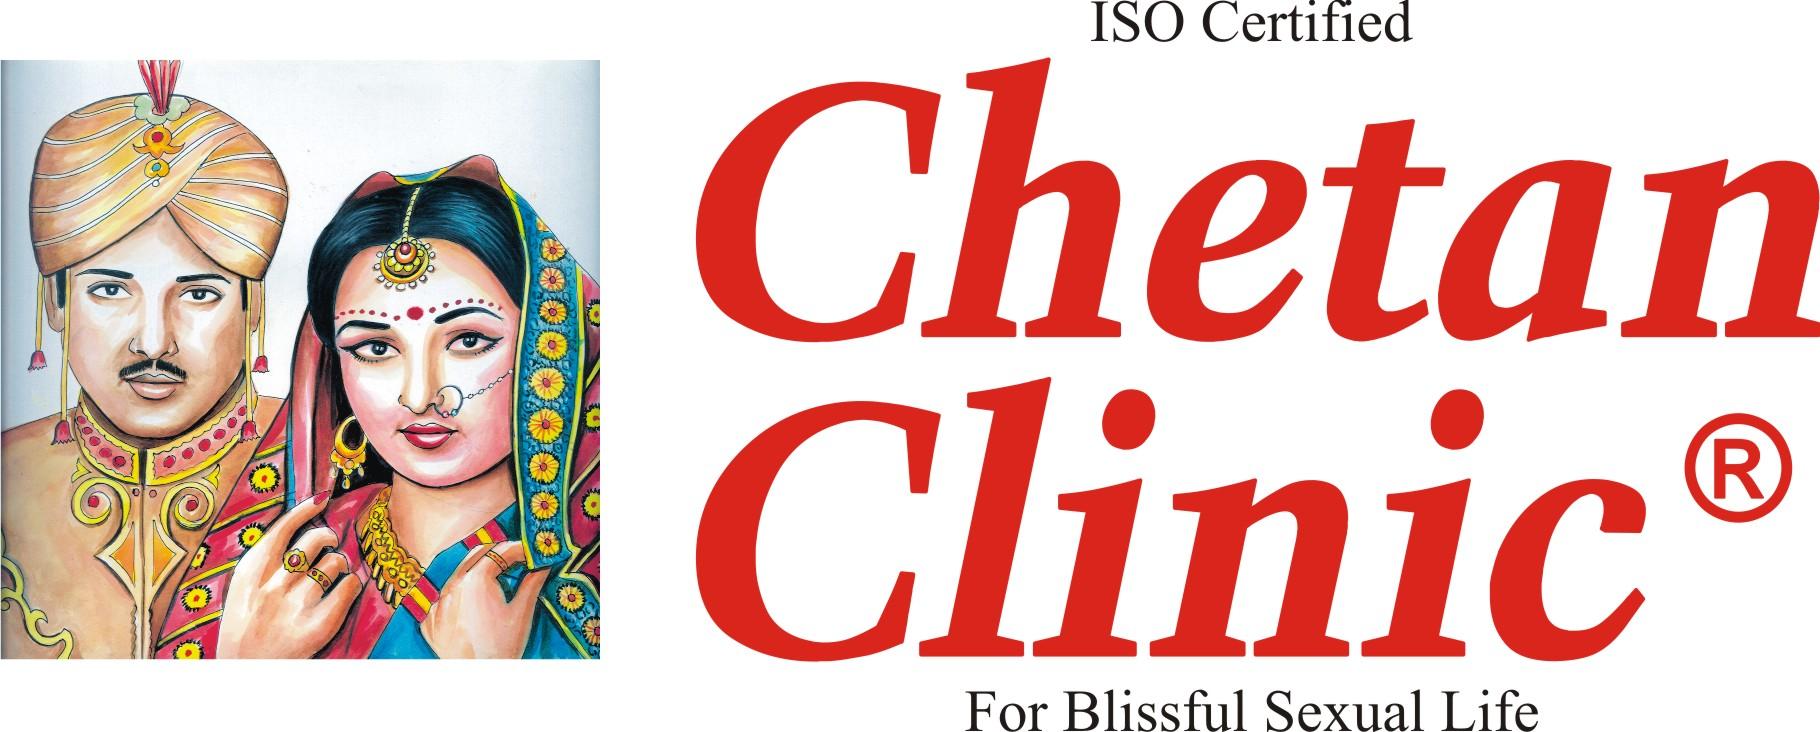 Chetan Clinic (R) +91 92 111 66 888